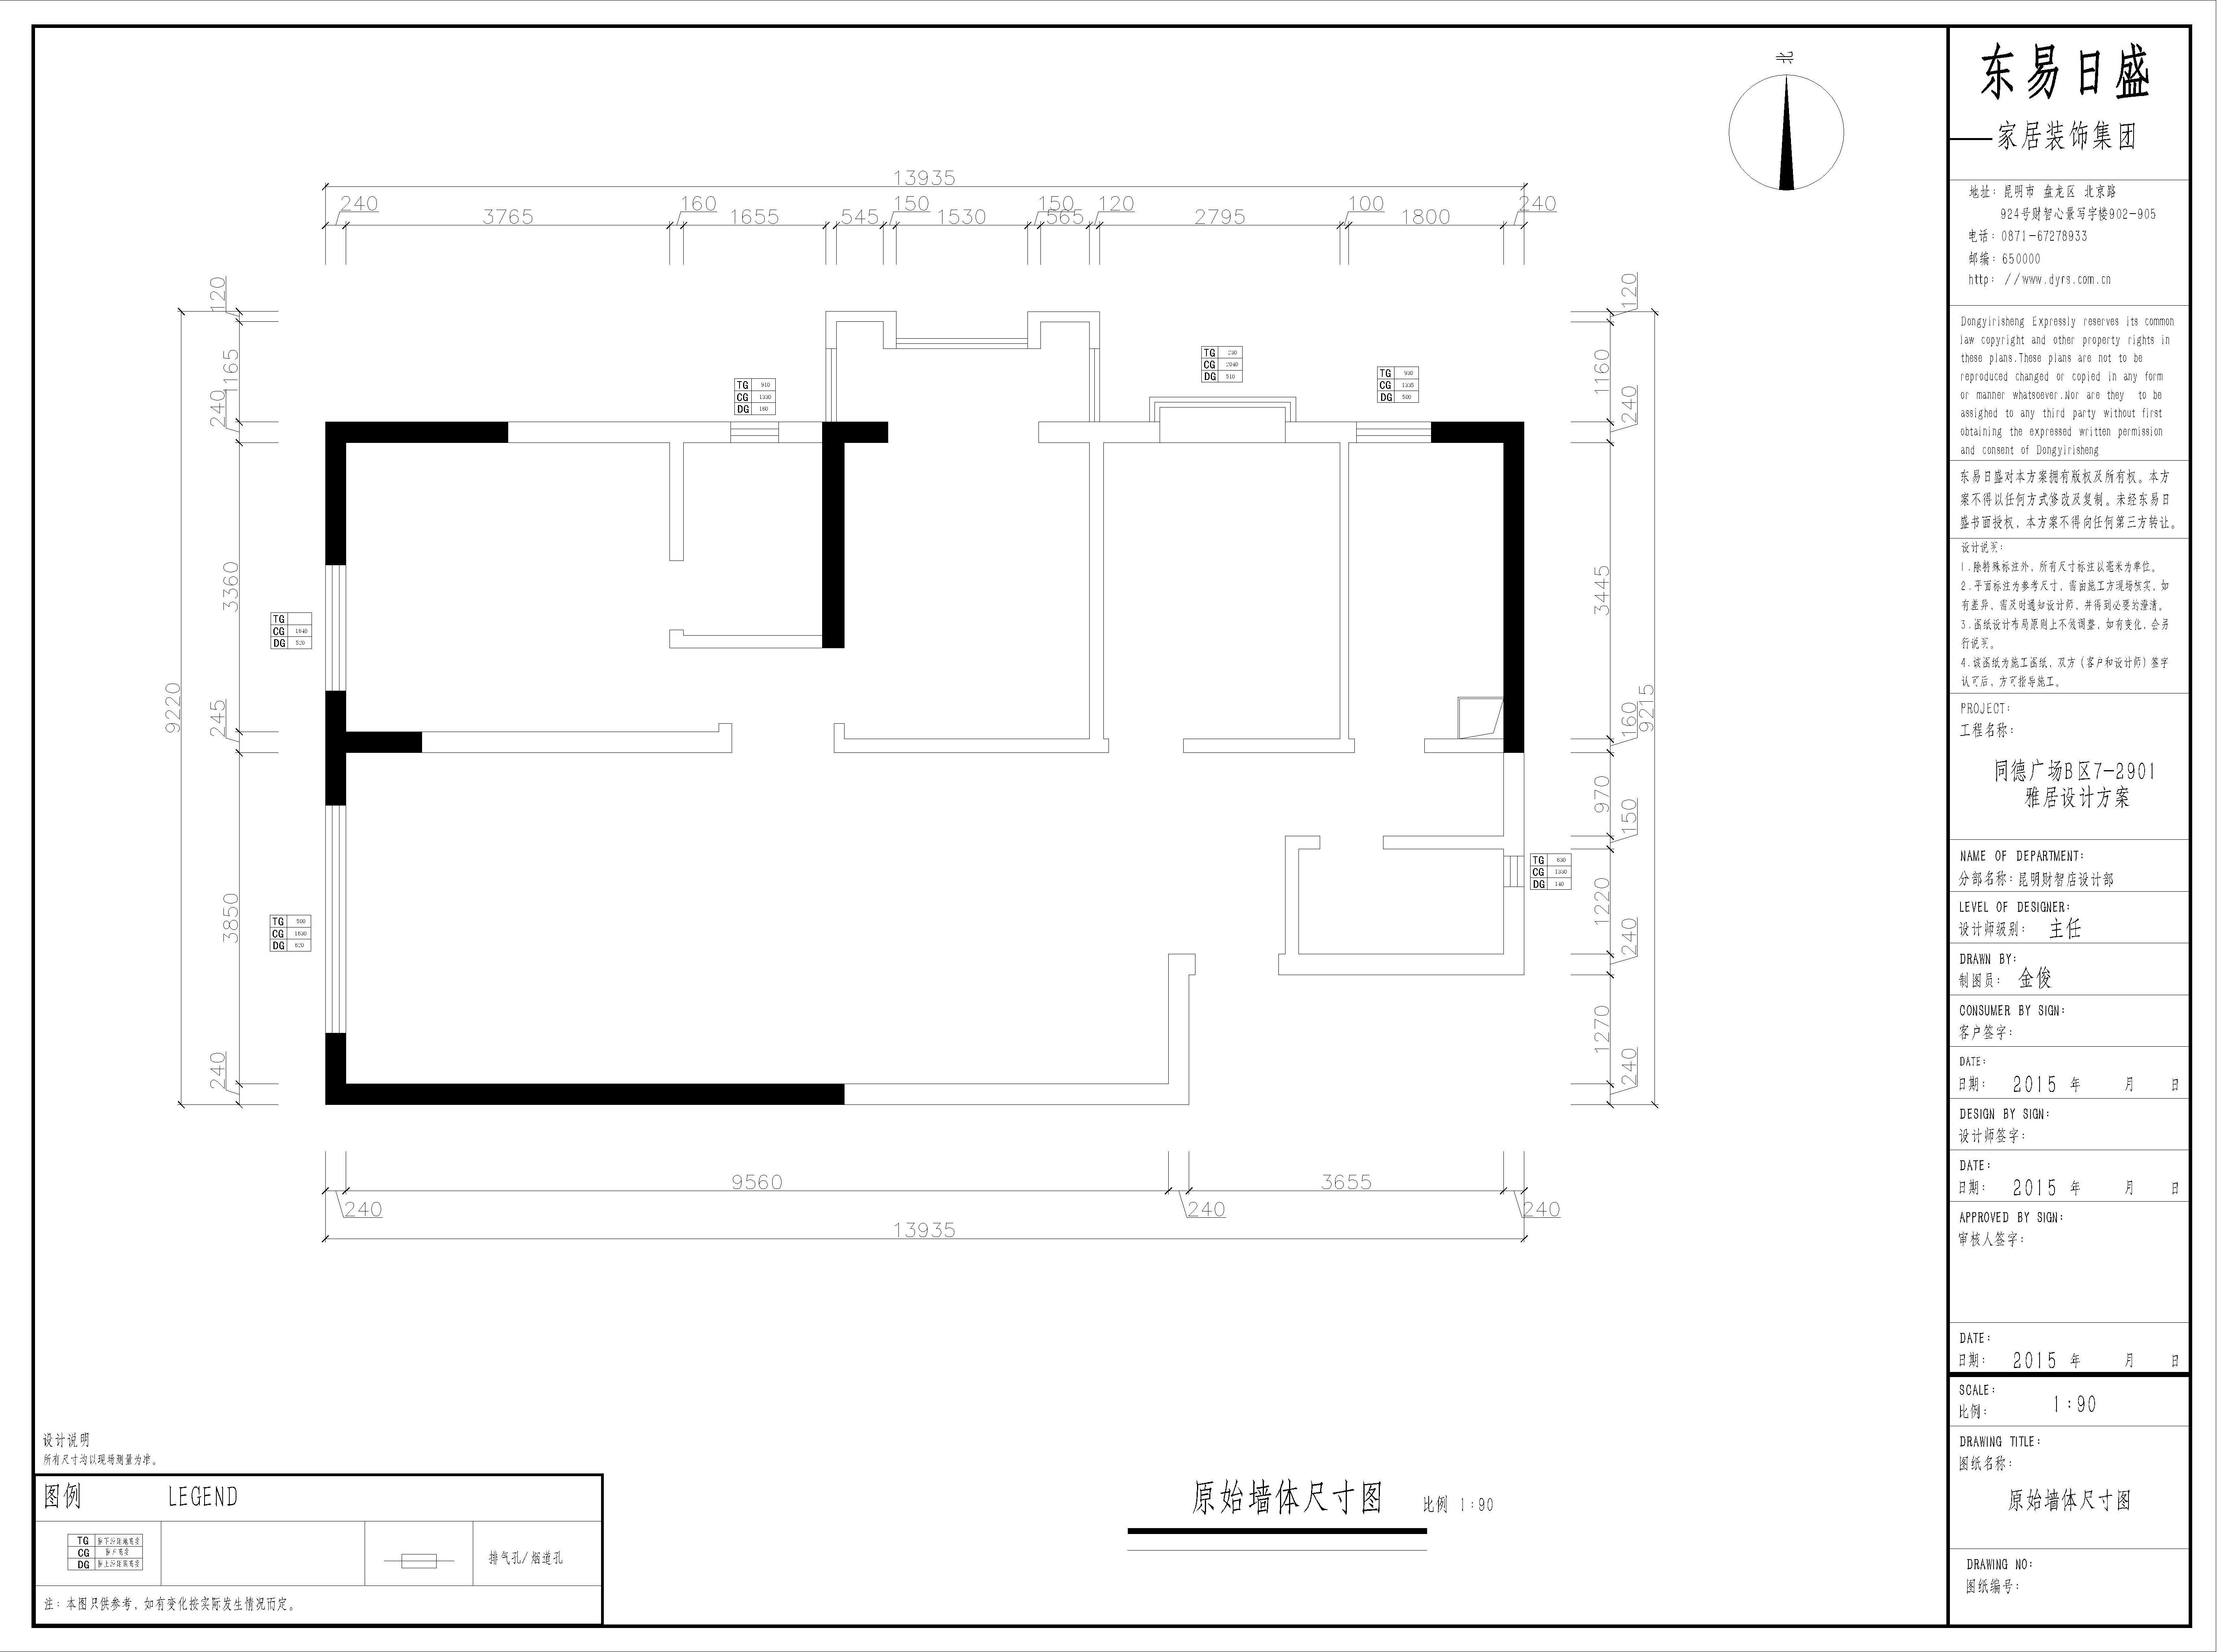 昆明同德广场 115平米三居室混搭美式装修设计理念